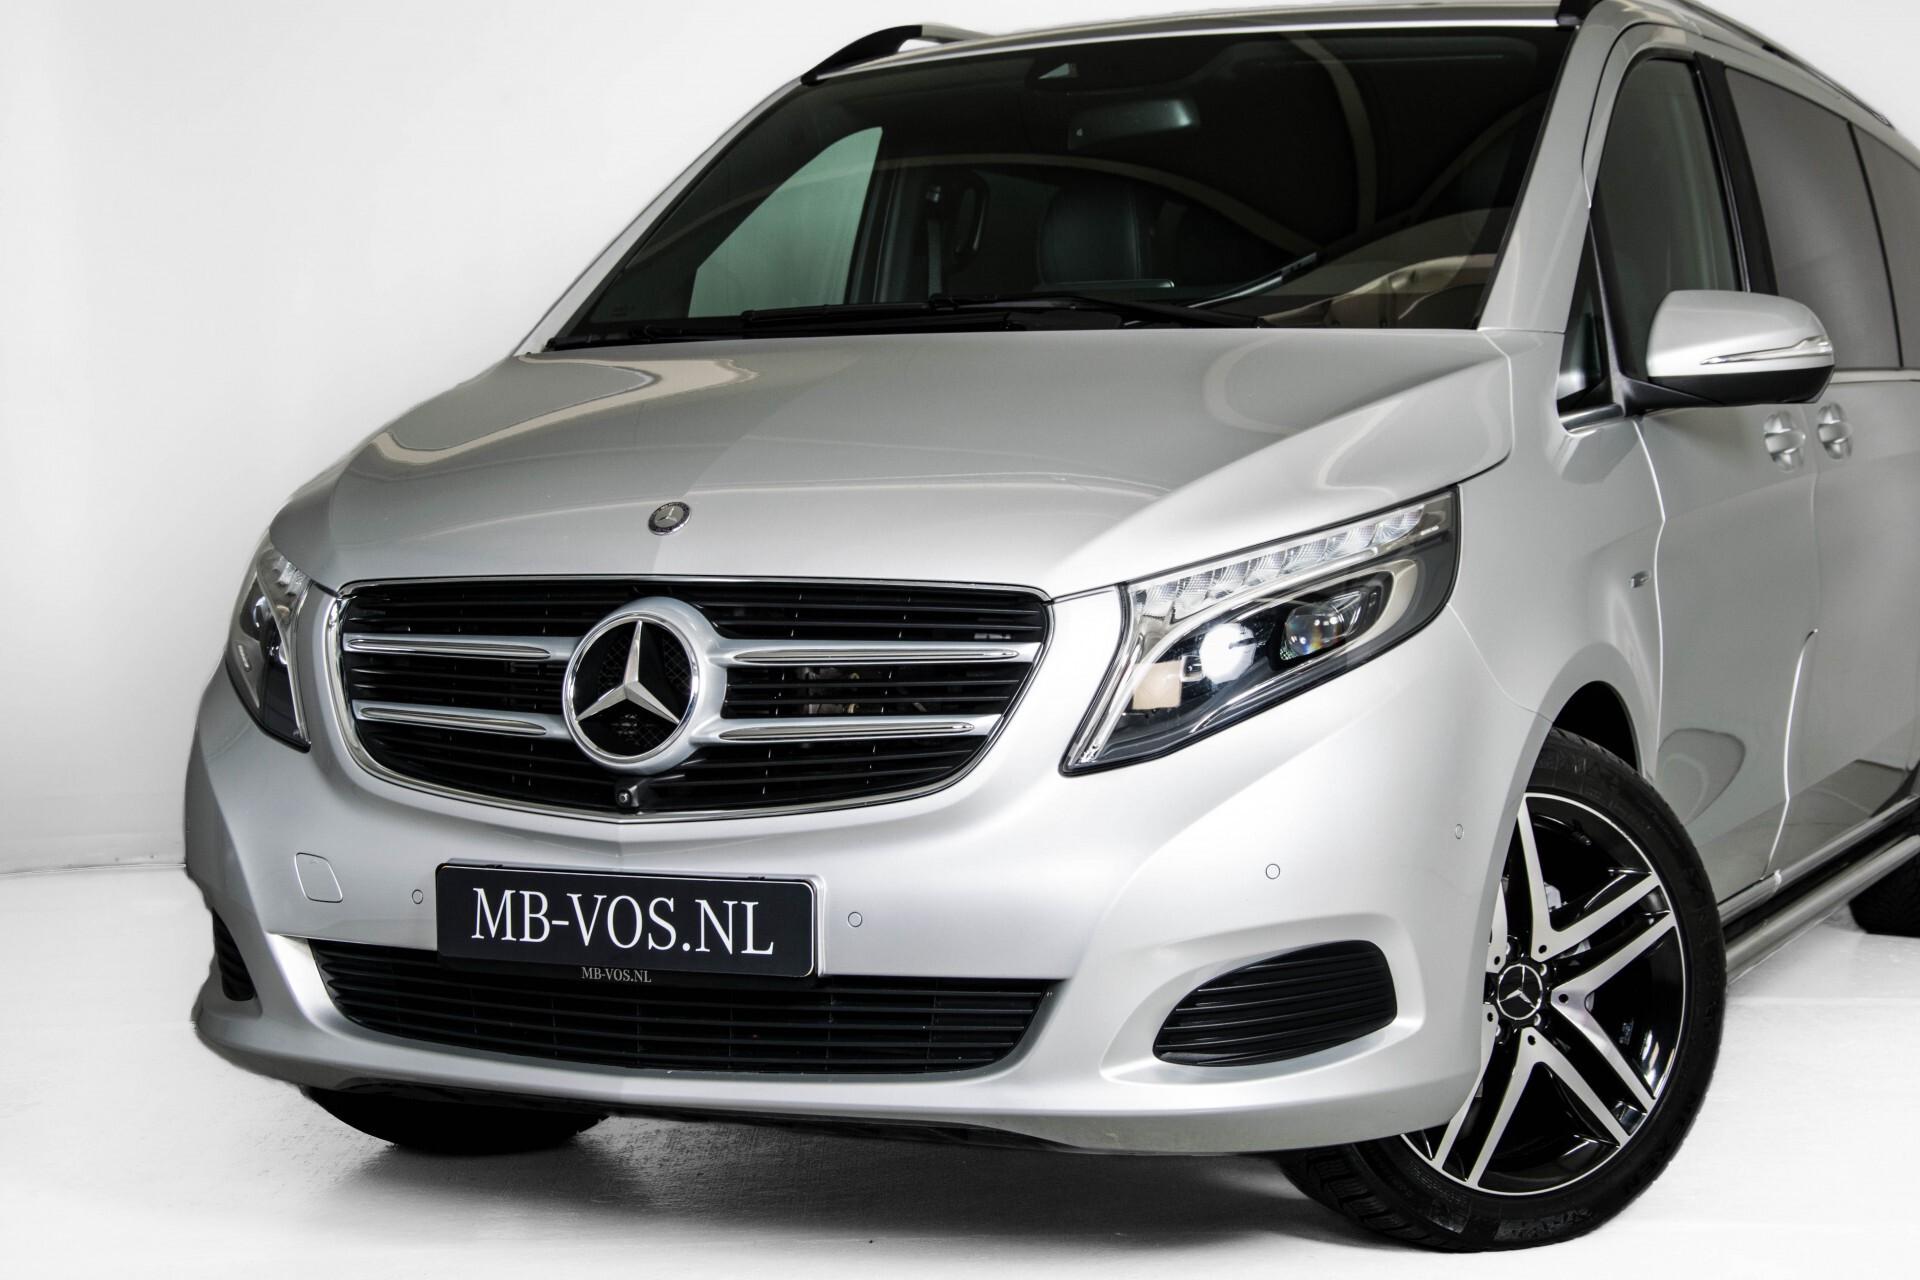 Mercedes-Benz V-Klasse 220d Extra Lang 8-Persoons Avantgarde Edition Burmester/360camera/spoorpakket/ILS Aut7 Foto 50